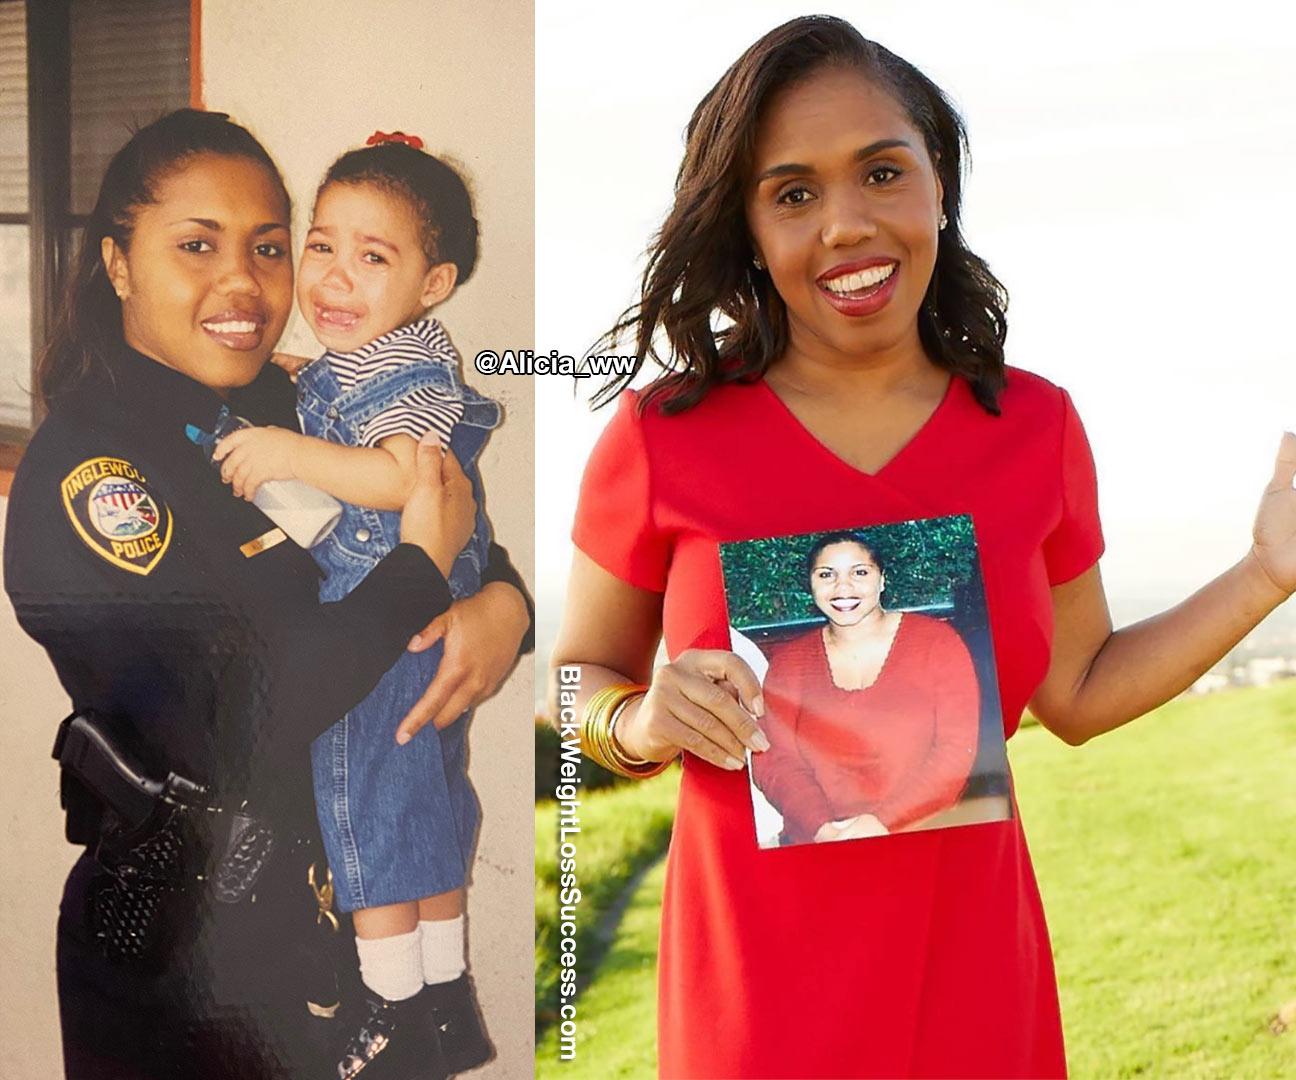 Alicia antes e depois